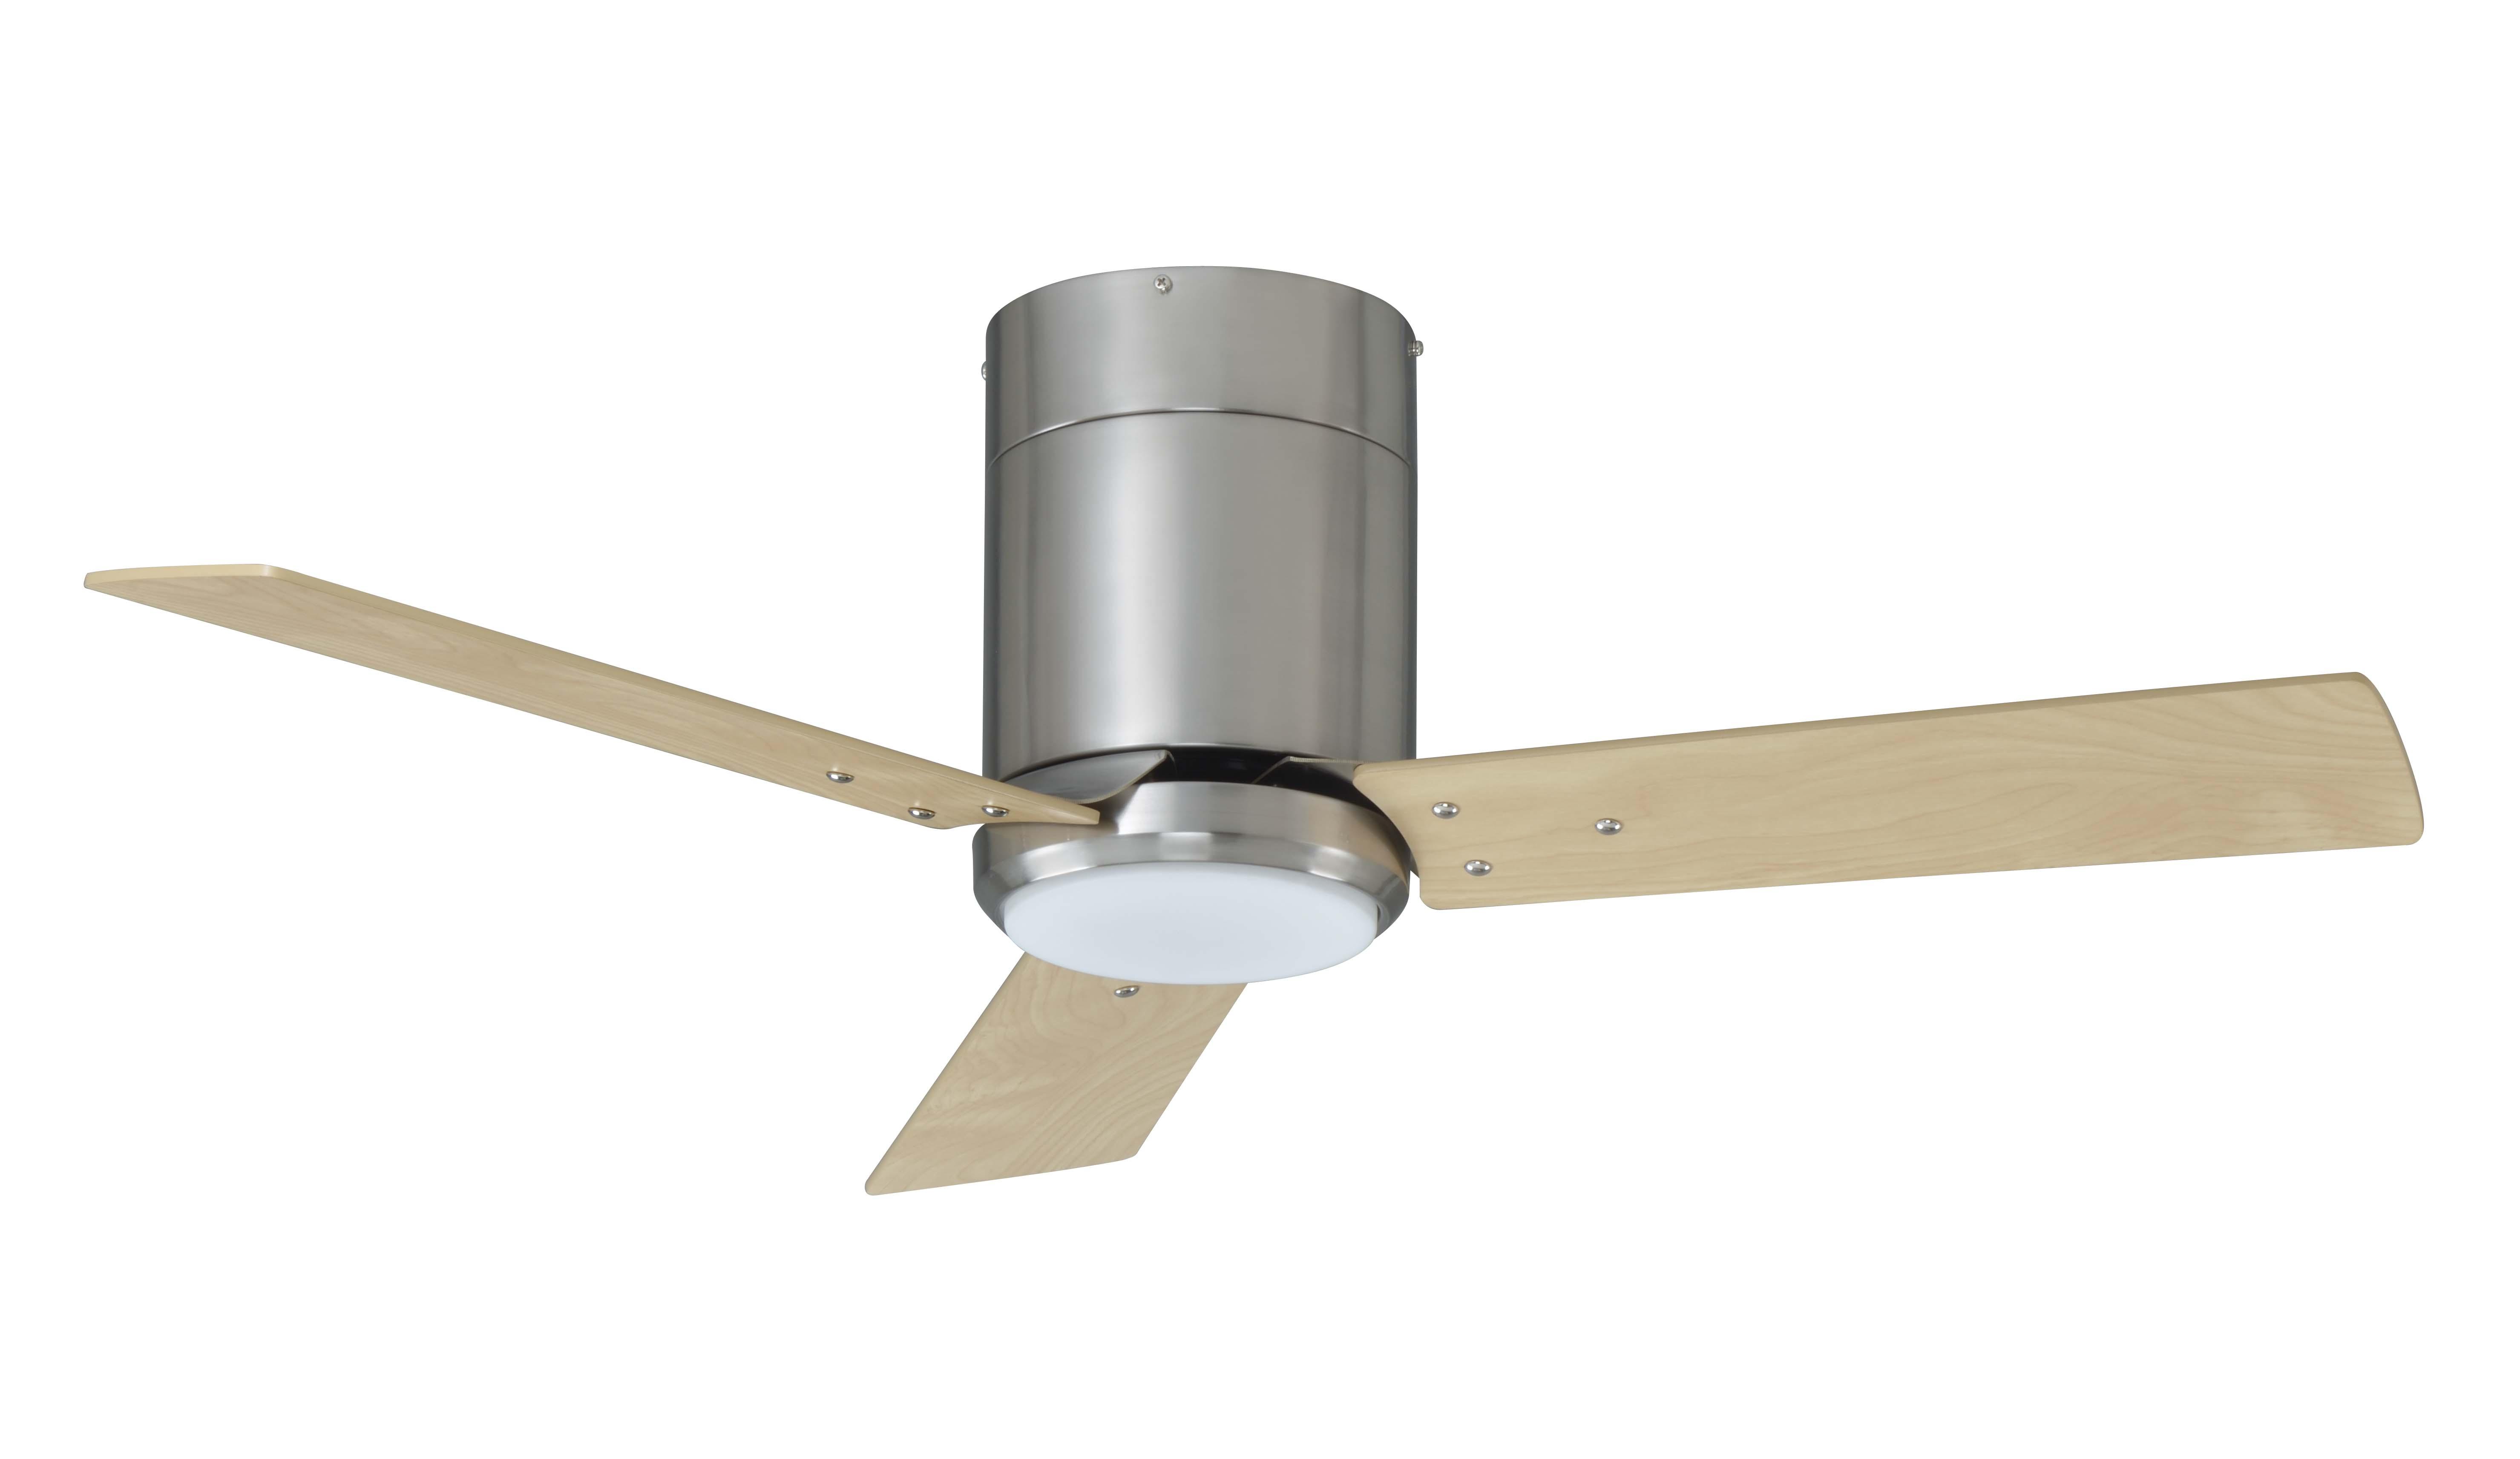 3 blade 42 in hugger fan w integrated LED light kit RP LIghting